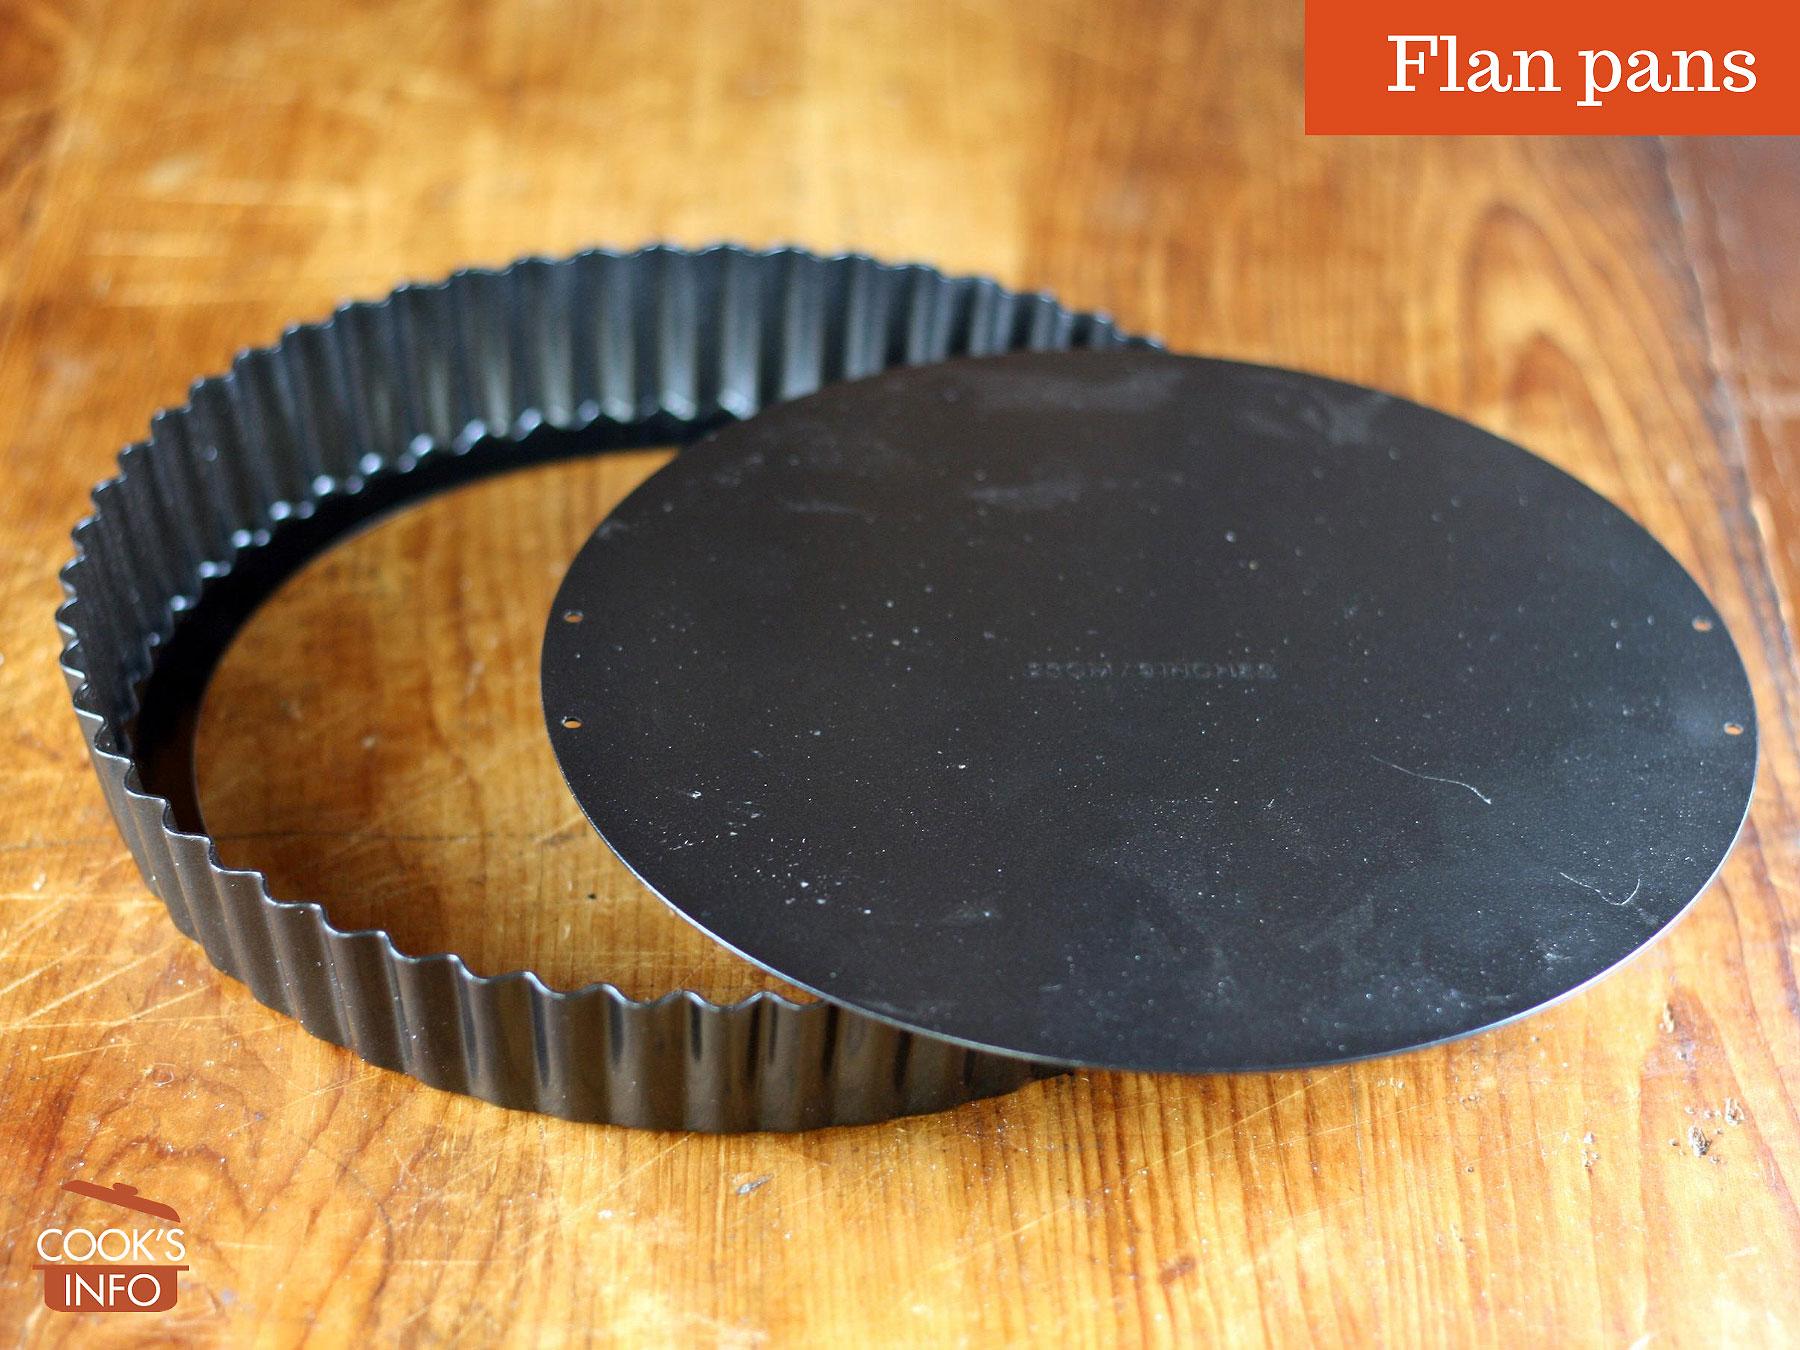 Tortenbodenform für Obsttorten / flan bottom for fruit cake pan